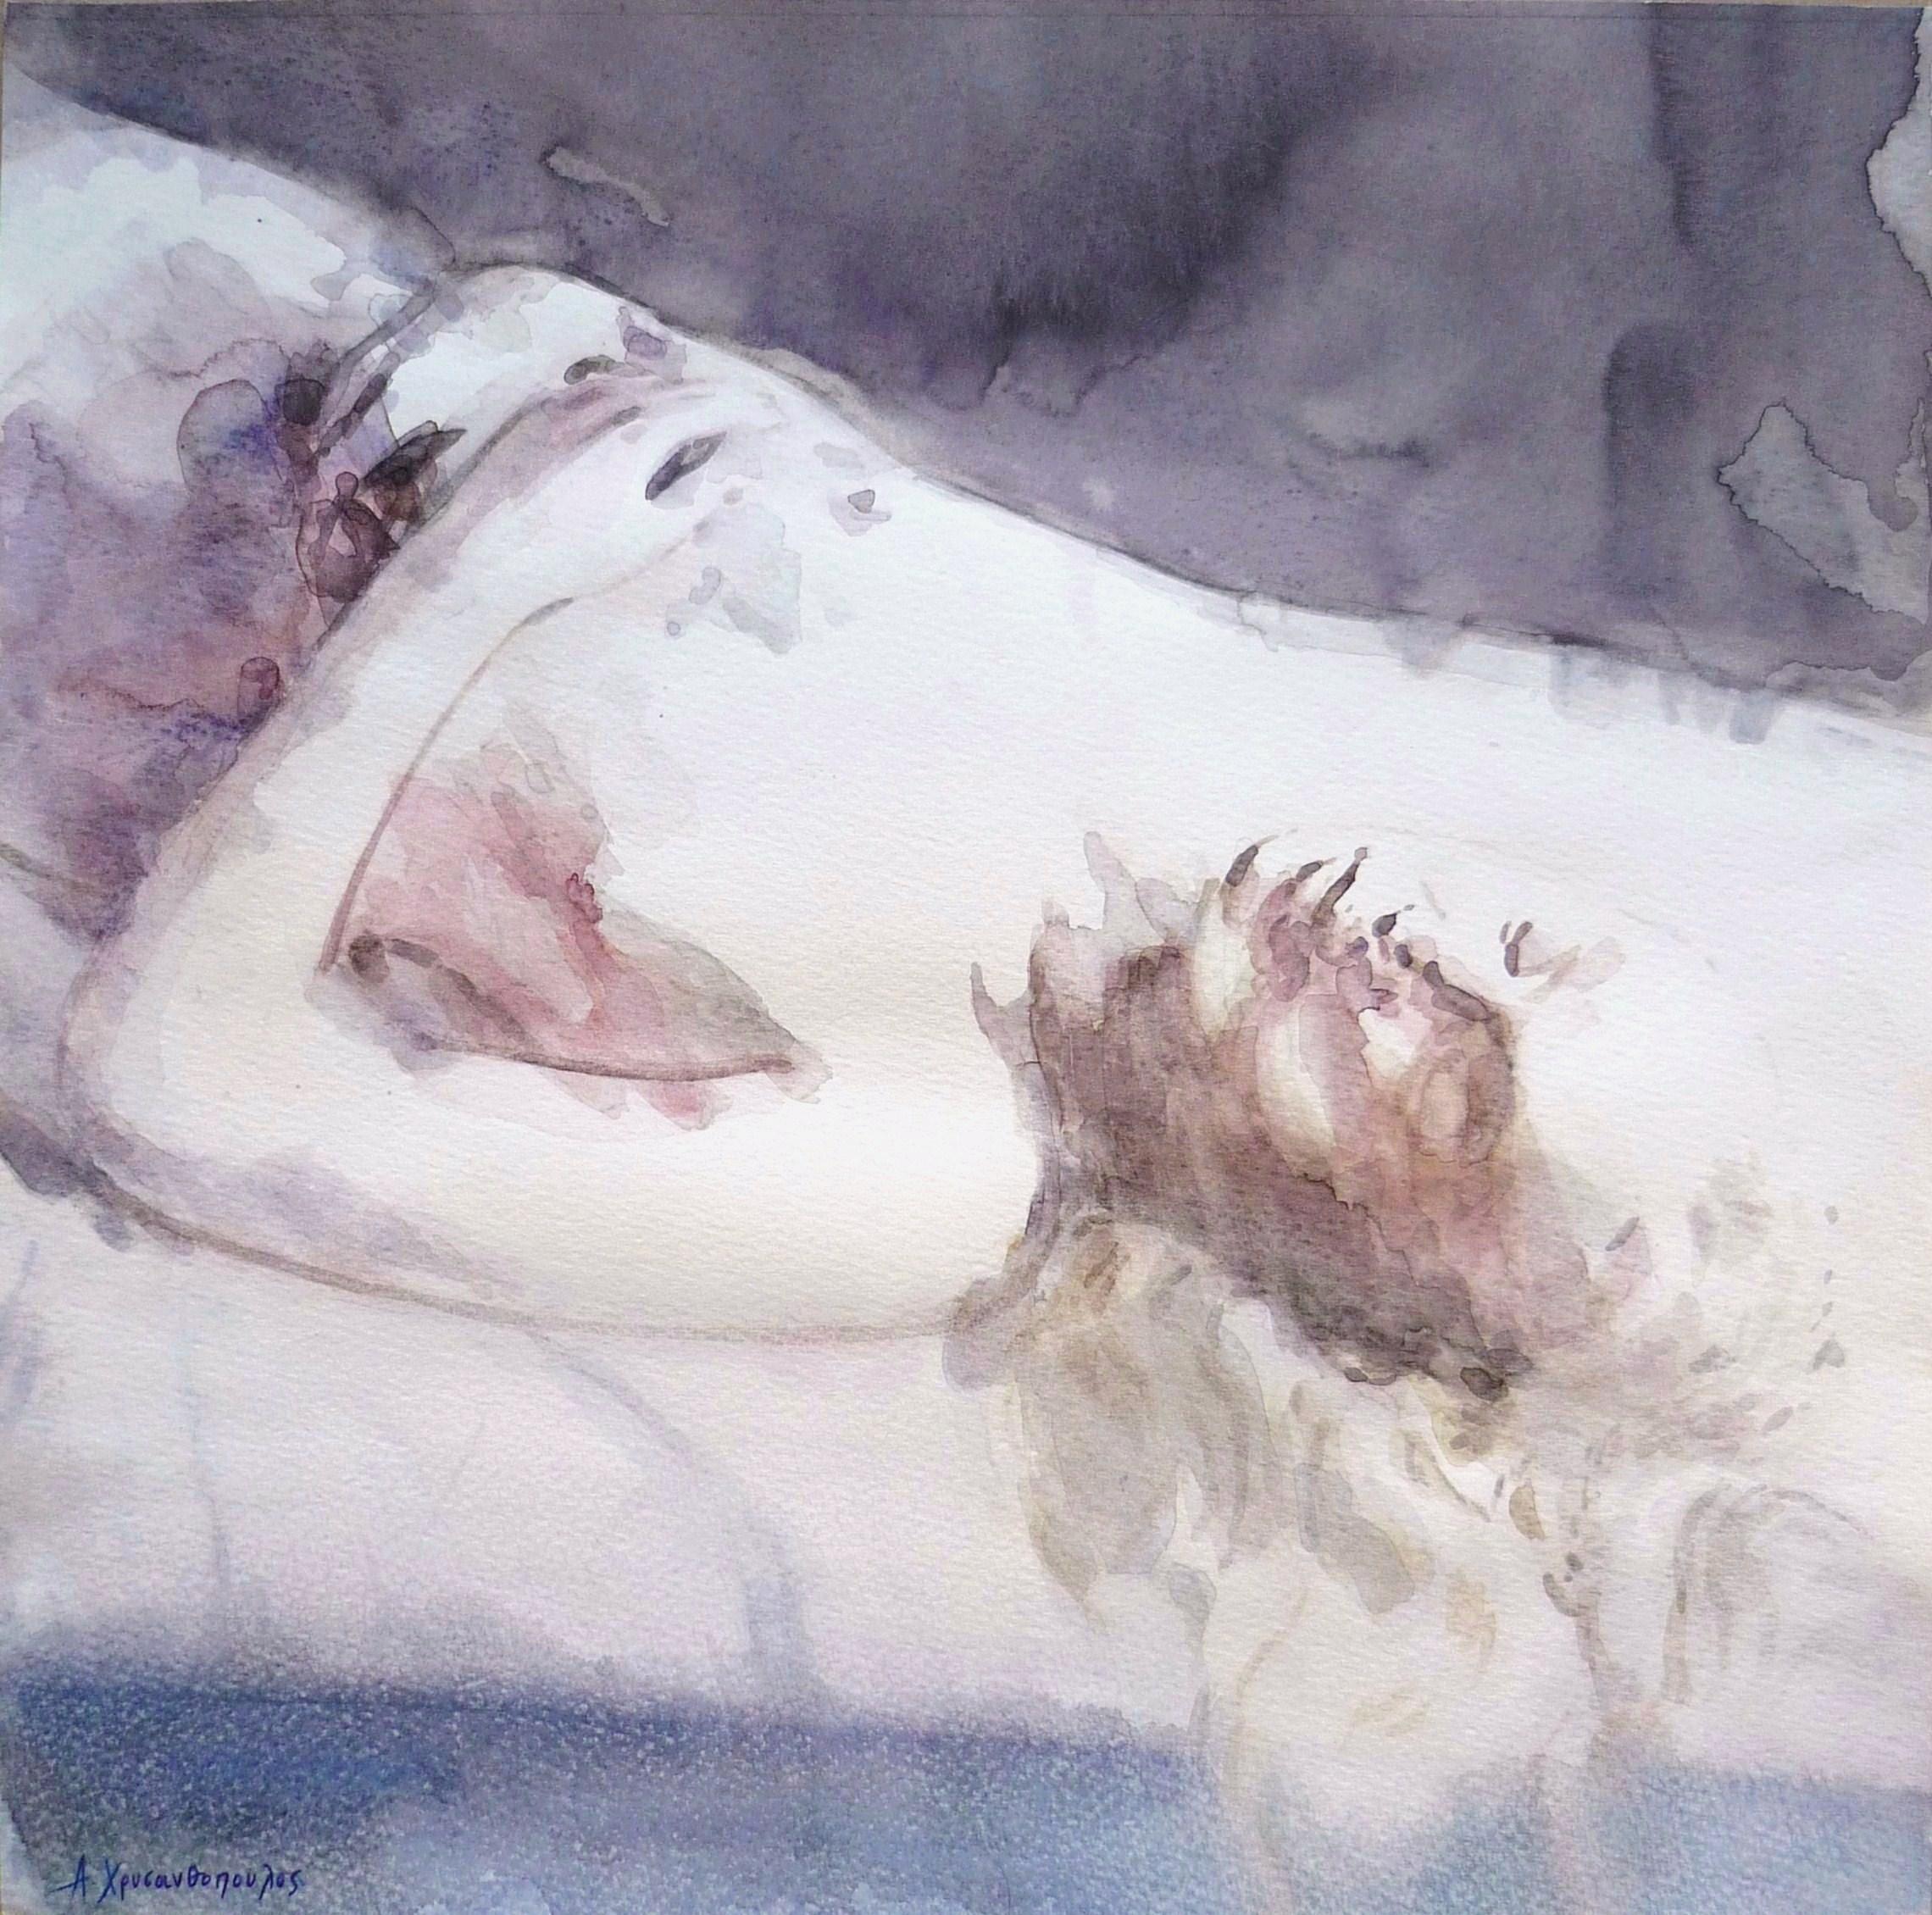 Sleeping beauty, 40Χ40, Ακουαρέλα